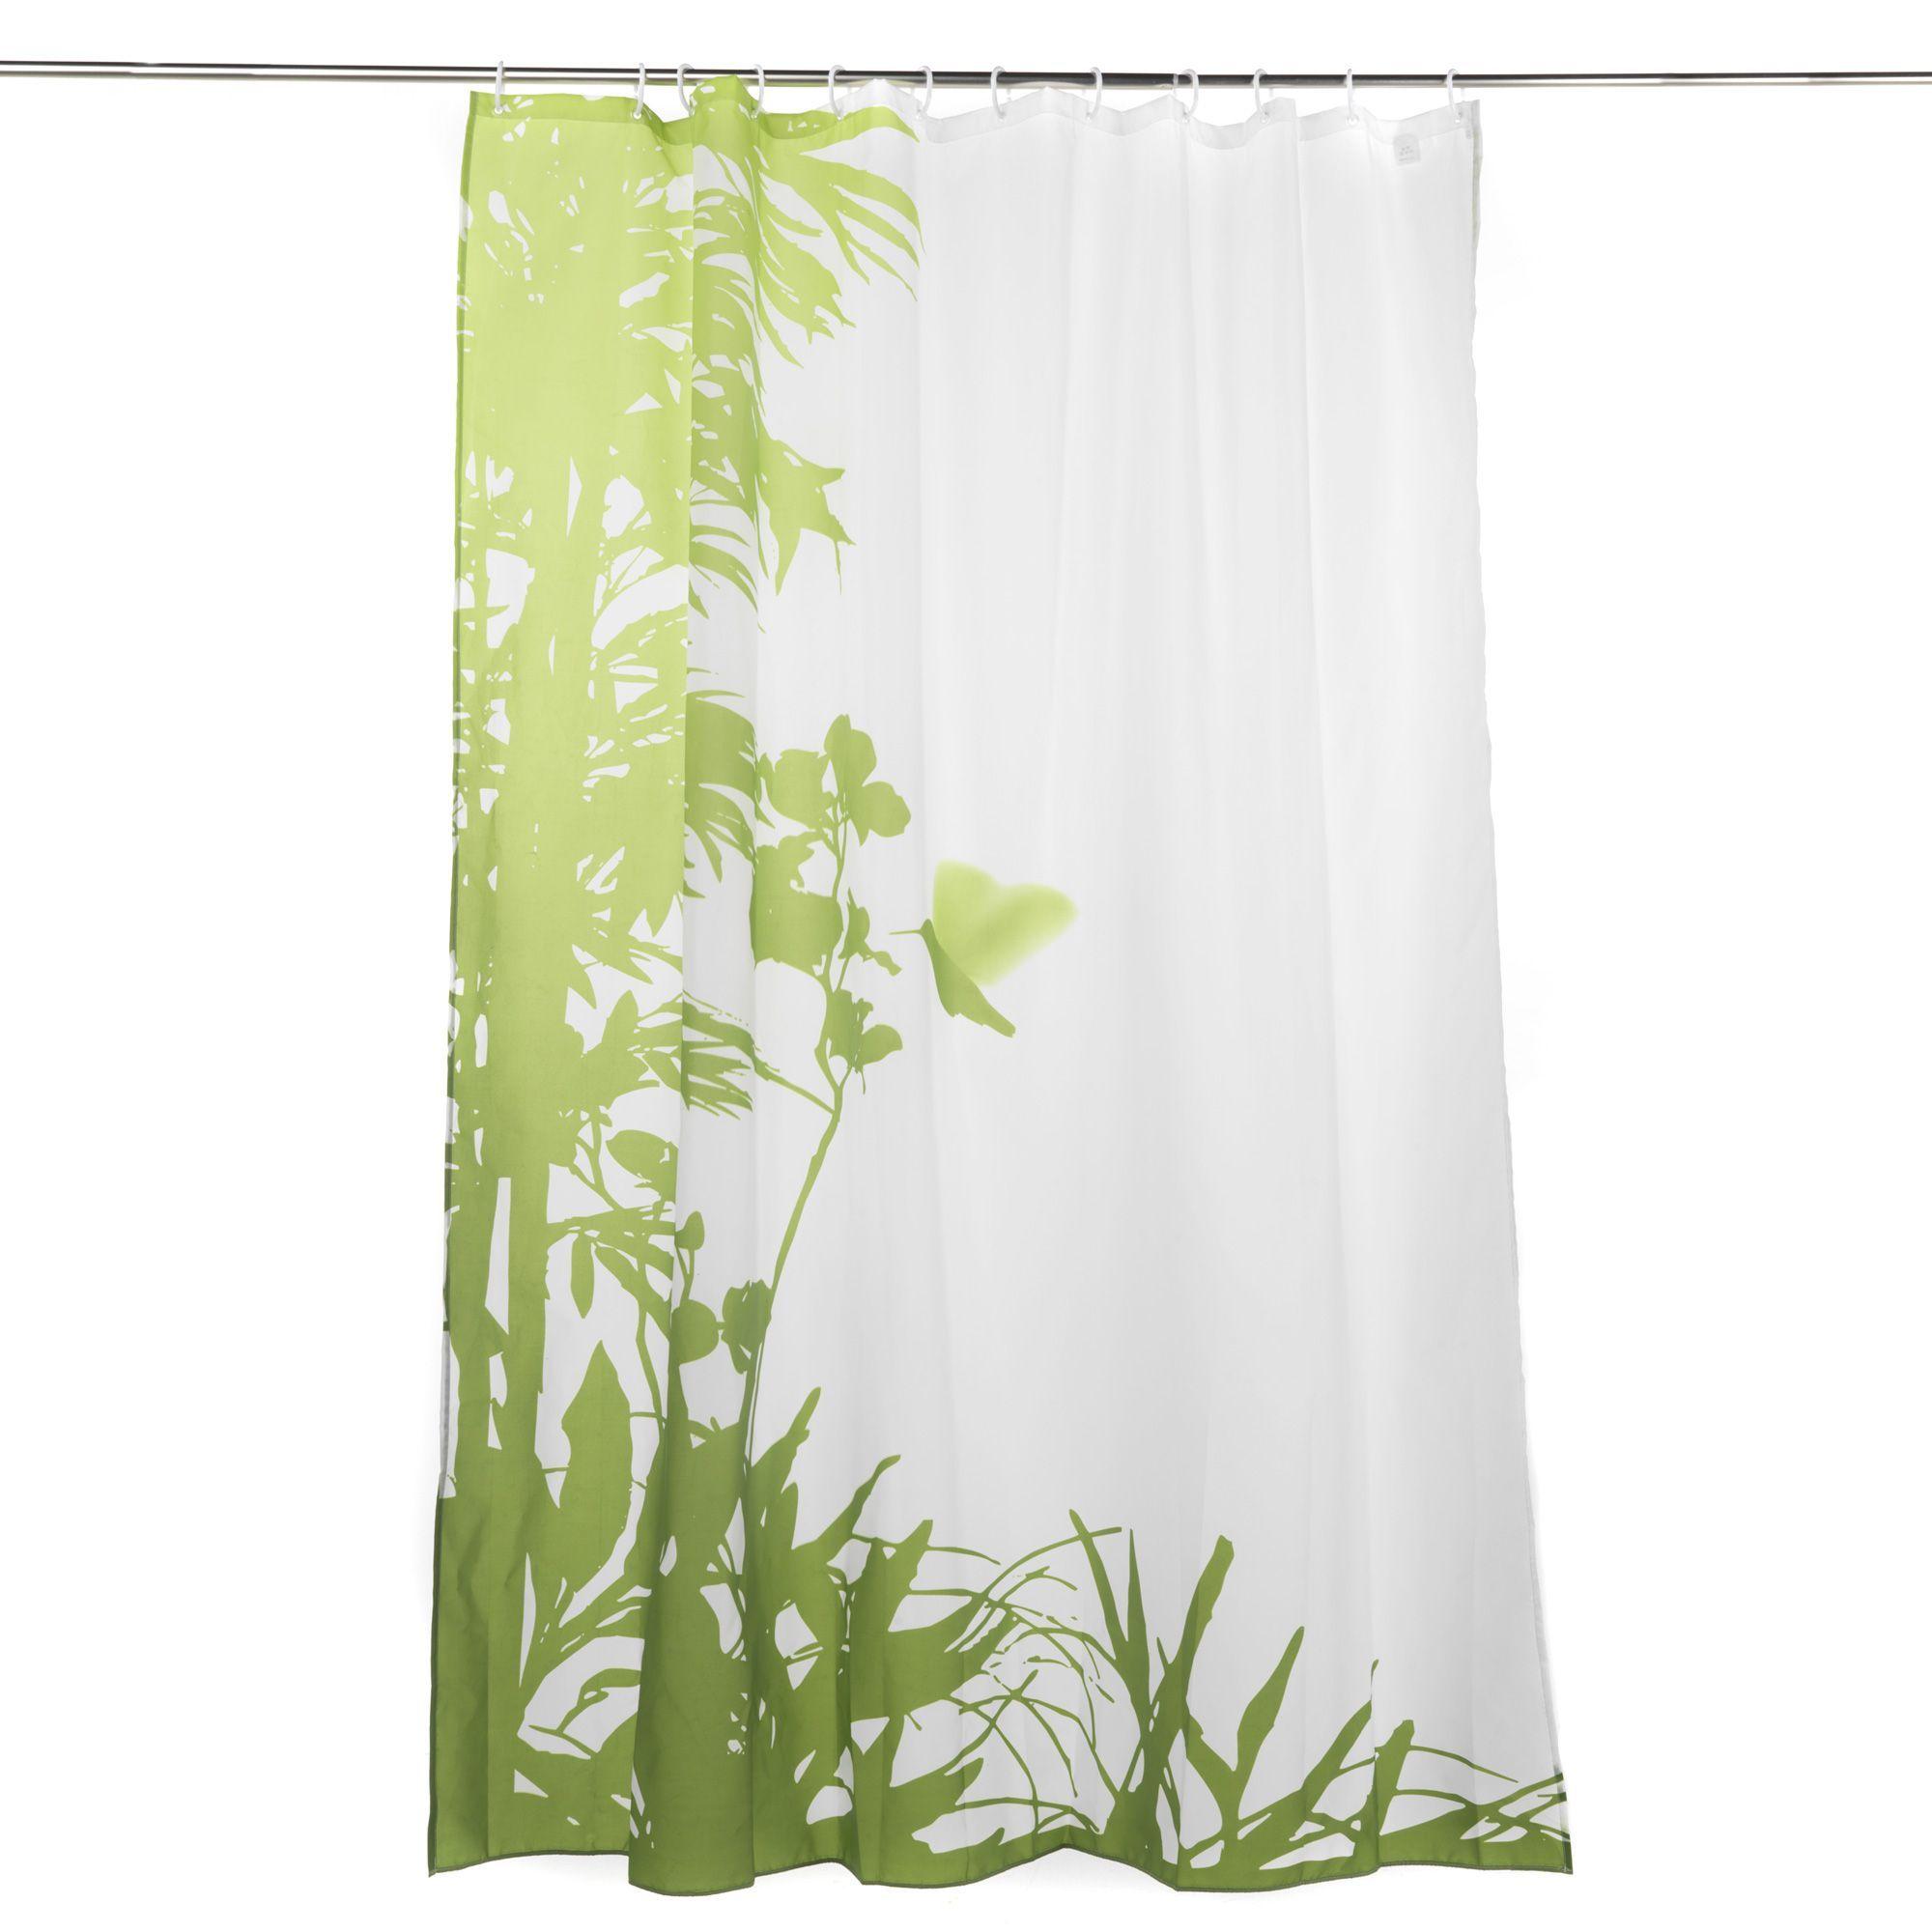 Rideau de douche Vert/Blanc - Jungle Bain - Rideaux de douche ...